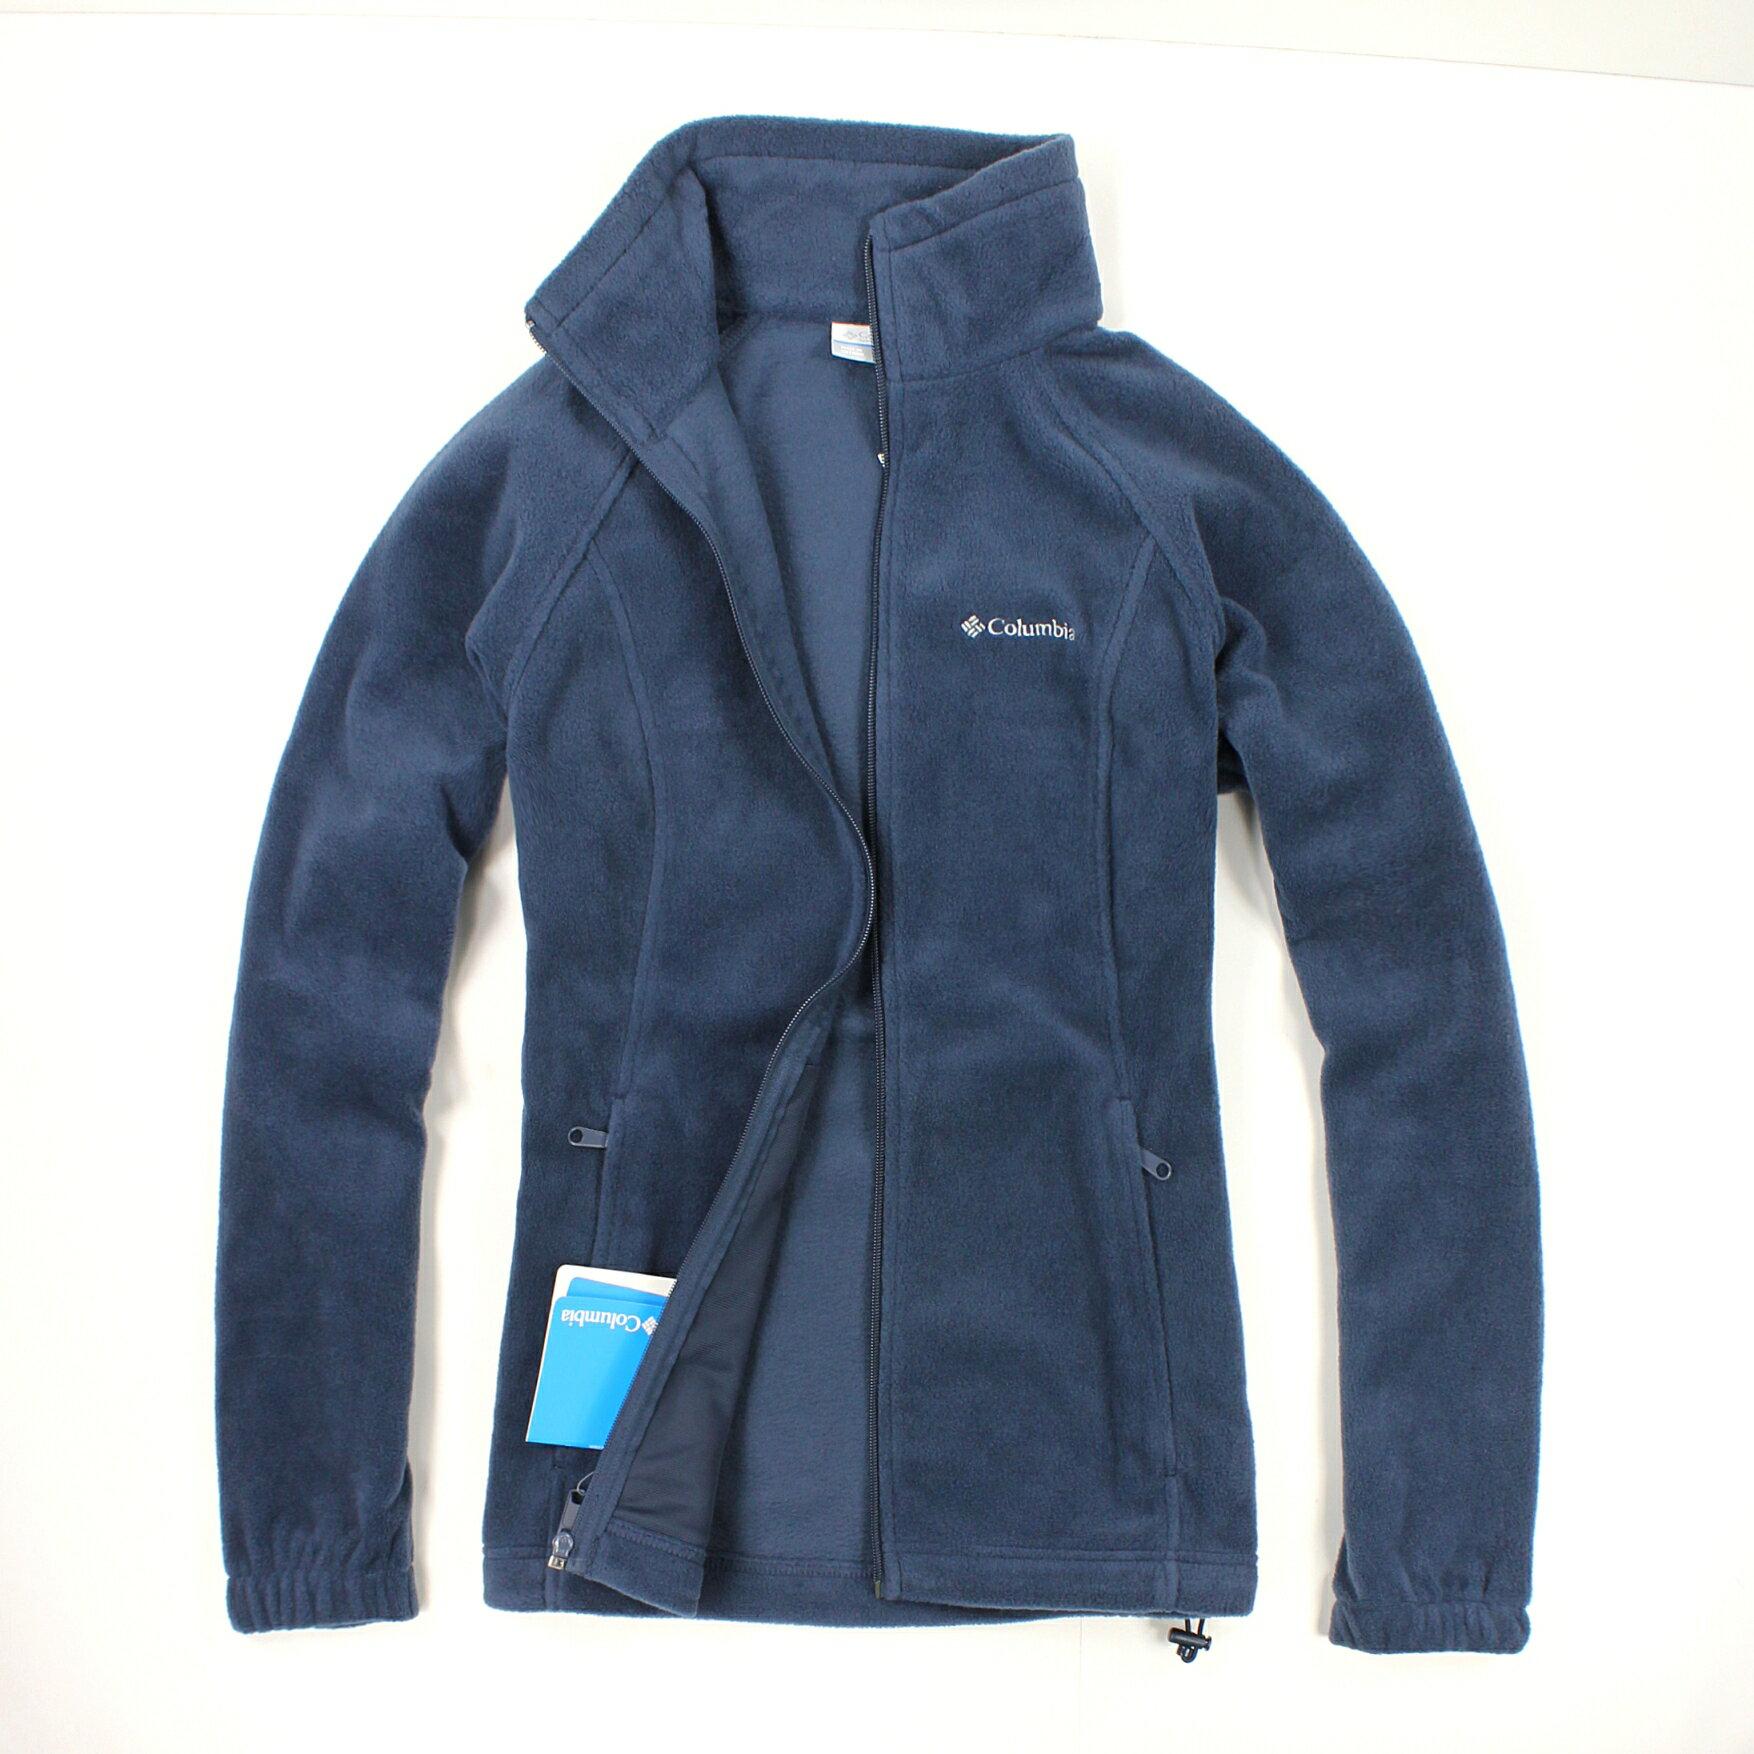 美國百分百【全新真品】Columbia 外套 刷毛外套 輕巧 fleece 保暖 哥倫比亞 深藍 女 S號 B534